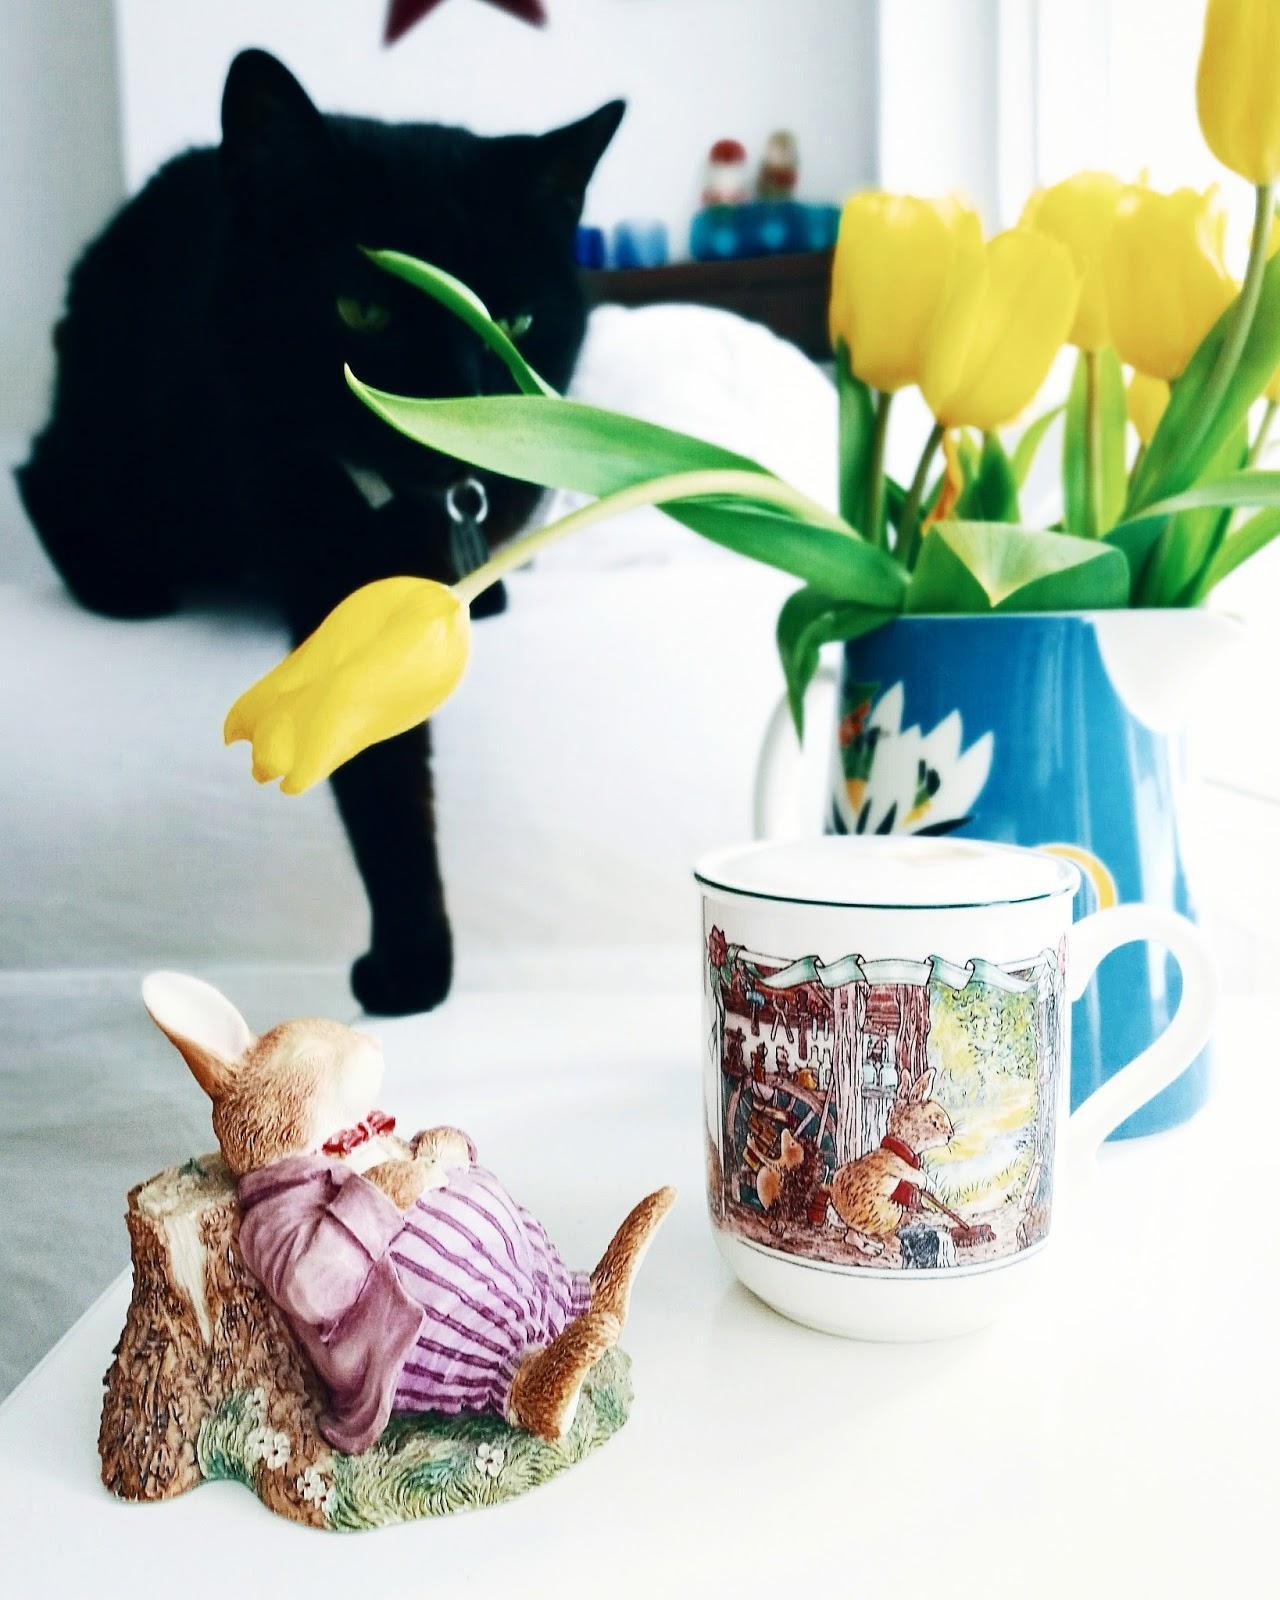 Pieni tarina ystävyydestä ja sydämellistä pääsiäistä